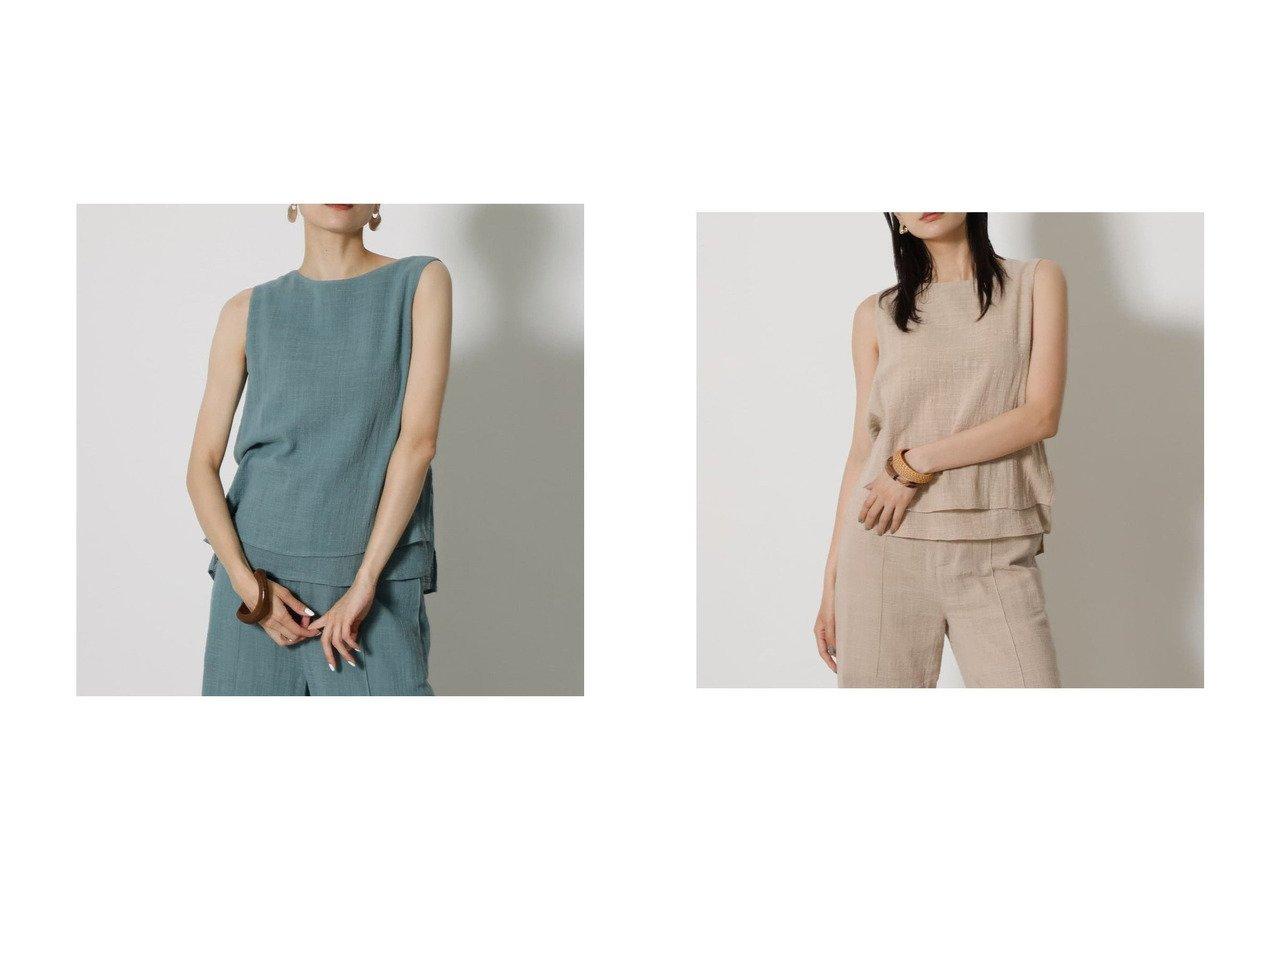 【AZUL by moussy/アズール バイ マウジー】のLAYERED TANK TOPS 【プチプライス・低価格】おすすめ!人気トレンド・レディースファッション通販 おすすめで人気の流行・トレンド、ファッションの通販商品 インテリア・家具・メンズファッション・キッズファッション・レディースファッション・服の通販 founy(ファニー) https://founy.com/ ファッション Fashion レディースファッション WOMEN トップス・カットソー Tops/Tshirt 2021年 2021 2021春夏・S/S SS/Spring/Summer/2021 S/S・春夏 SS・Spring/Summer おすすめ Recommend セットアップ 夏 Summer 春 Spring |ID:crp329100000053057